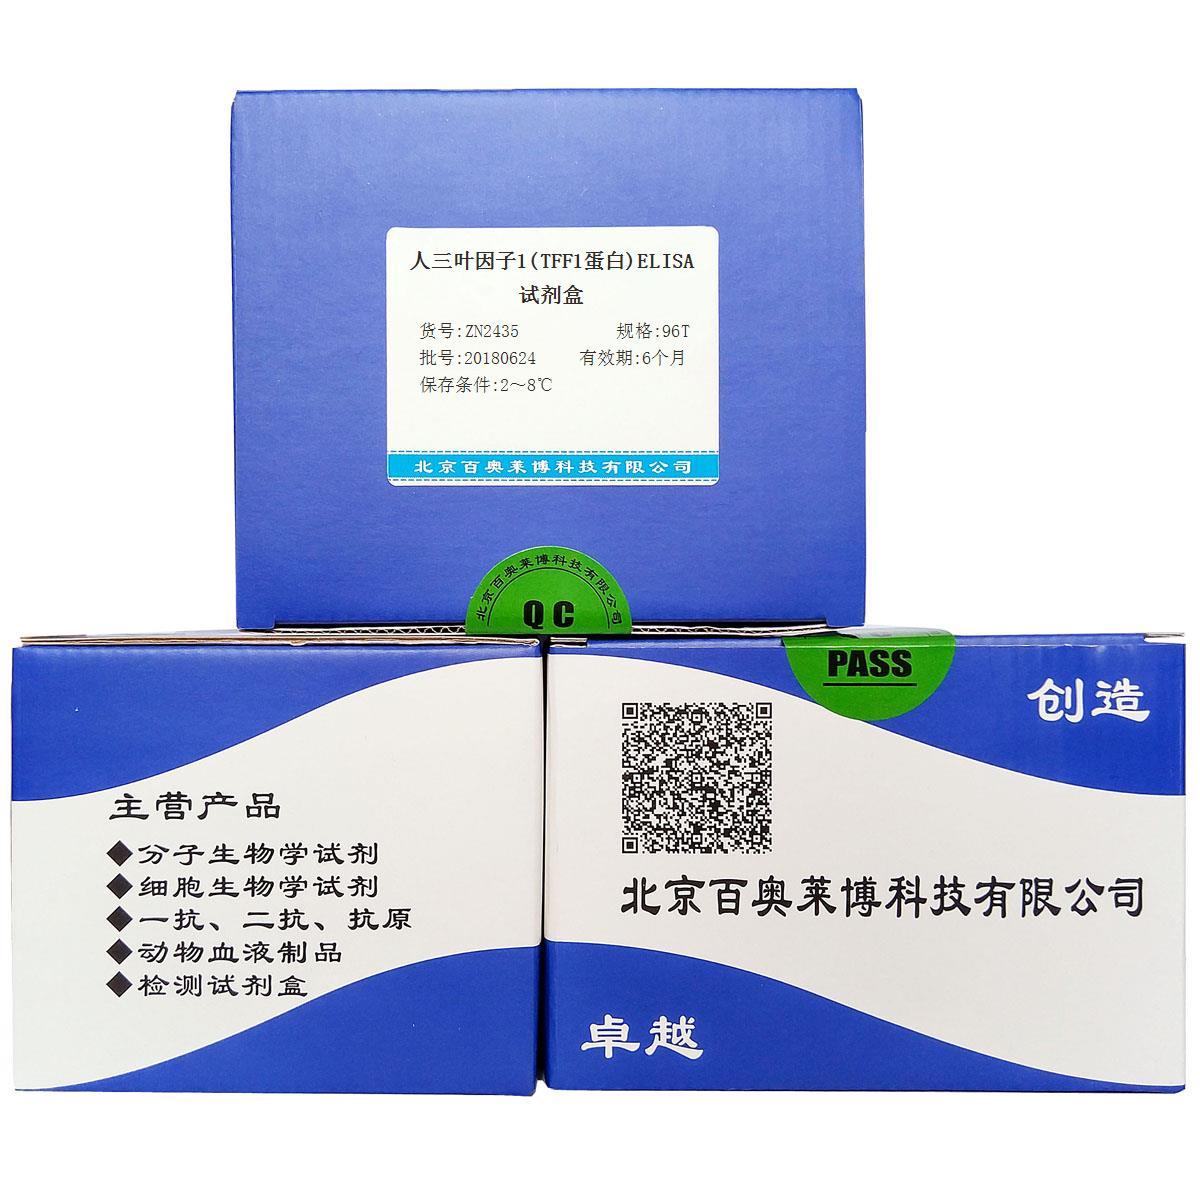 北京现货人三叶因子1(TFF1蛋白)ELISA试剂盒怎么卖